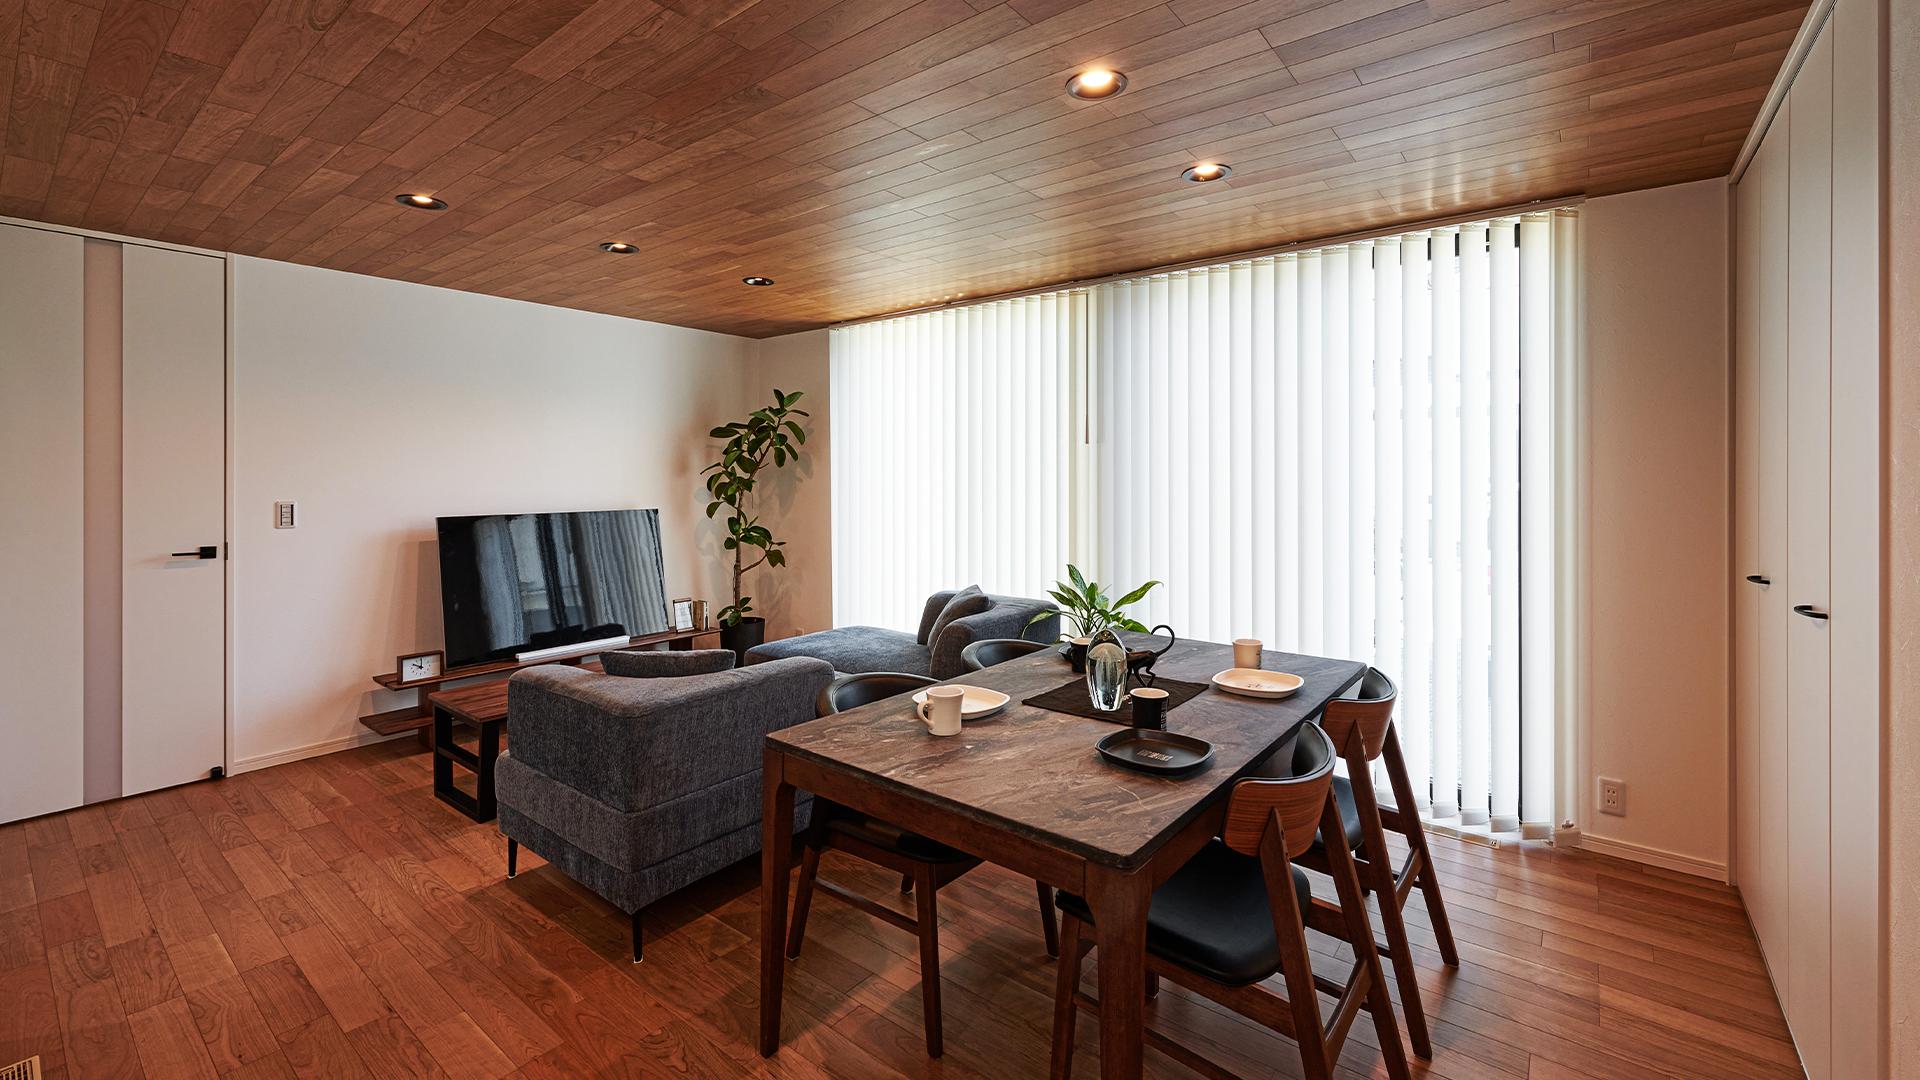 ウォールナットの床と天井が特徴の広々リビング